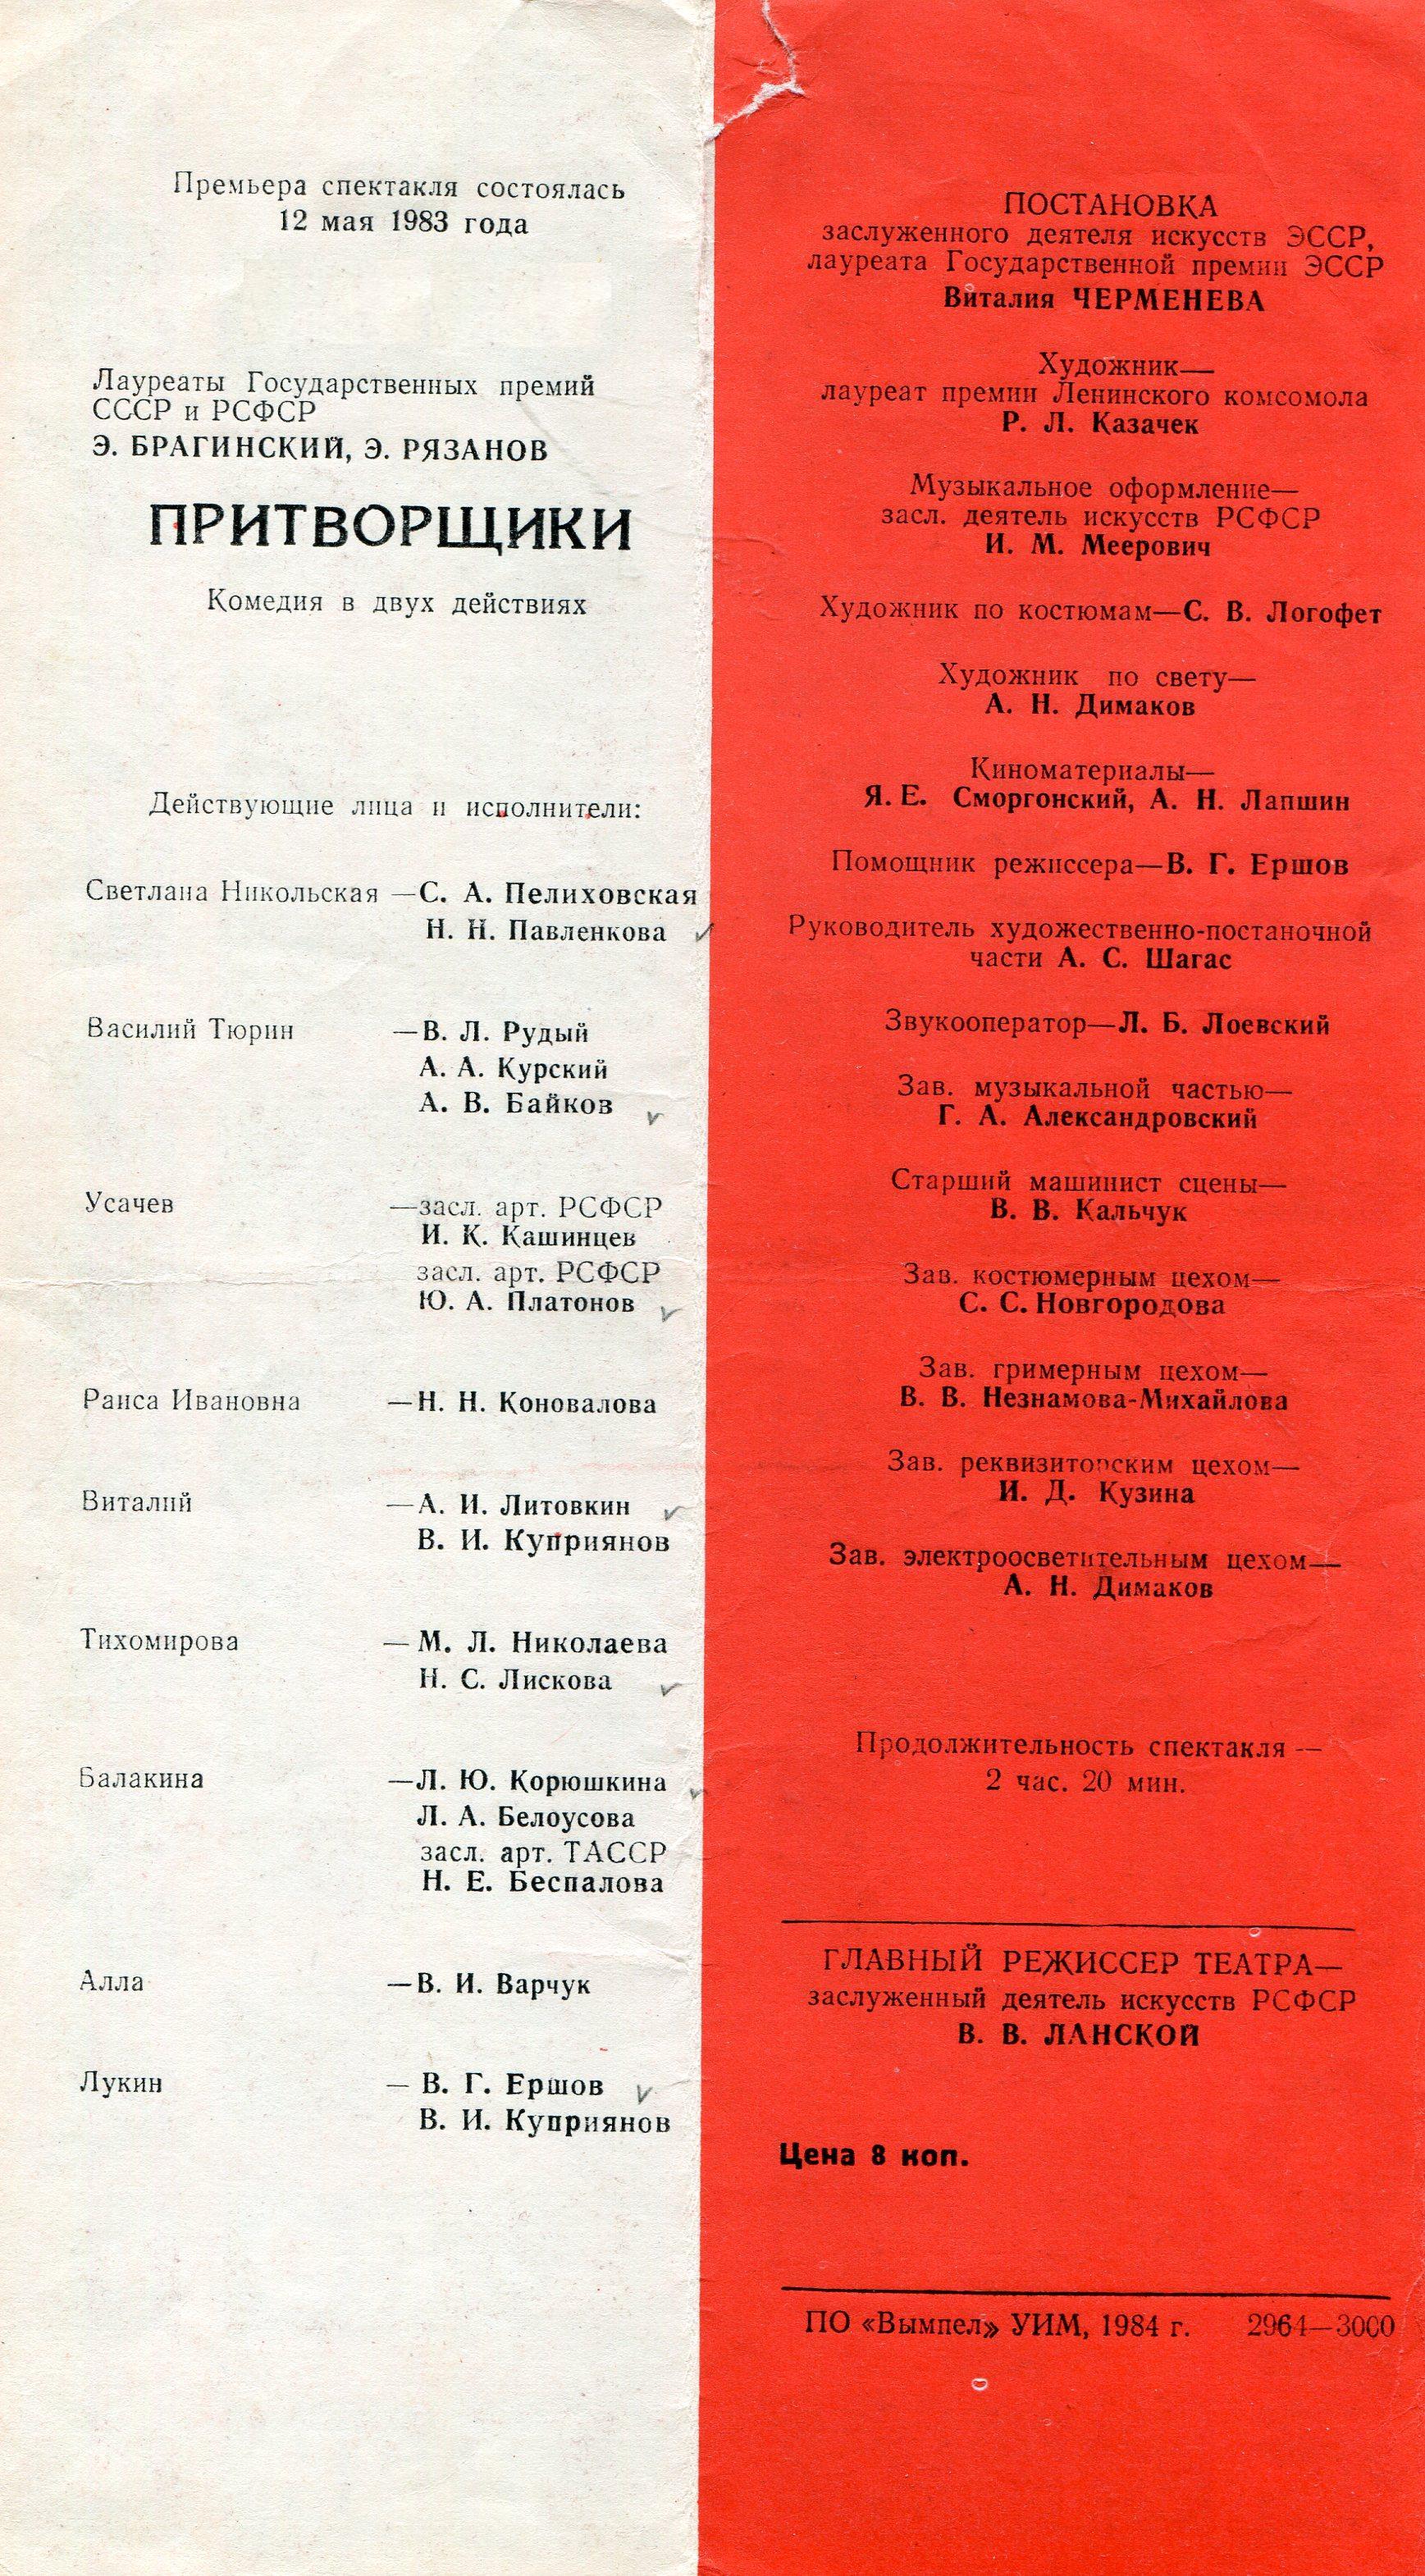 Программка к спектаклю «Притворщики» — 1984 год